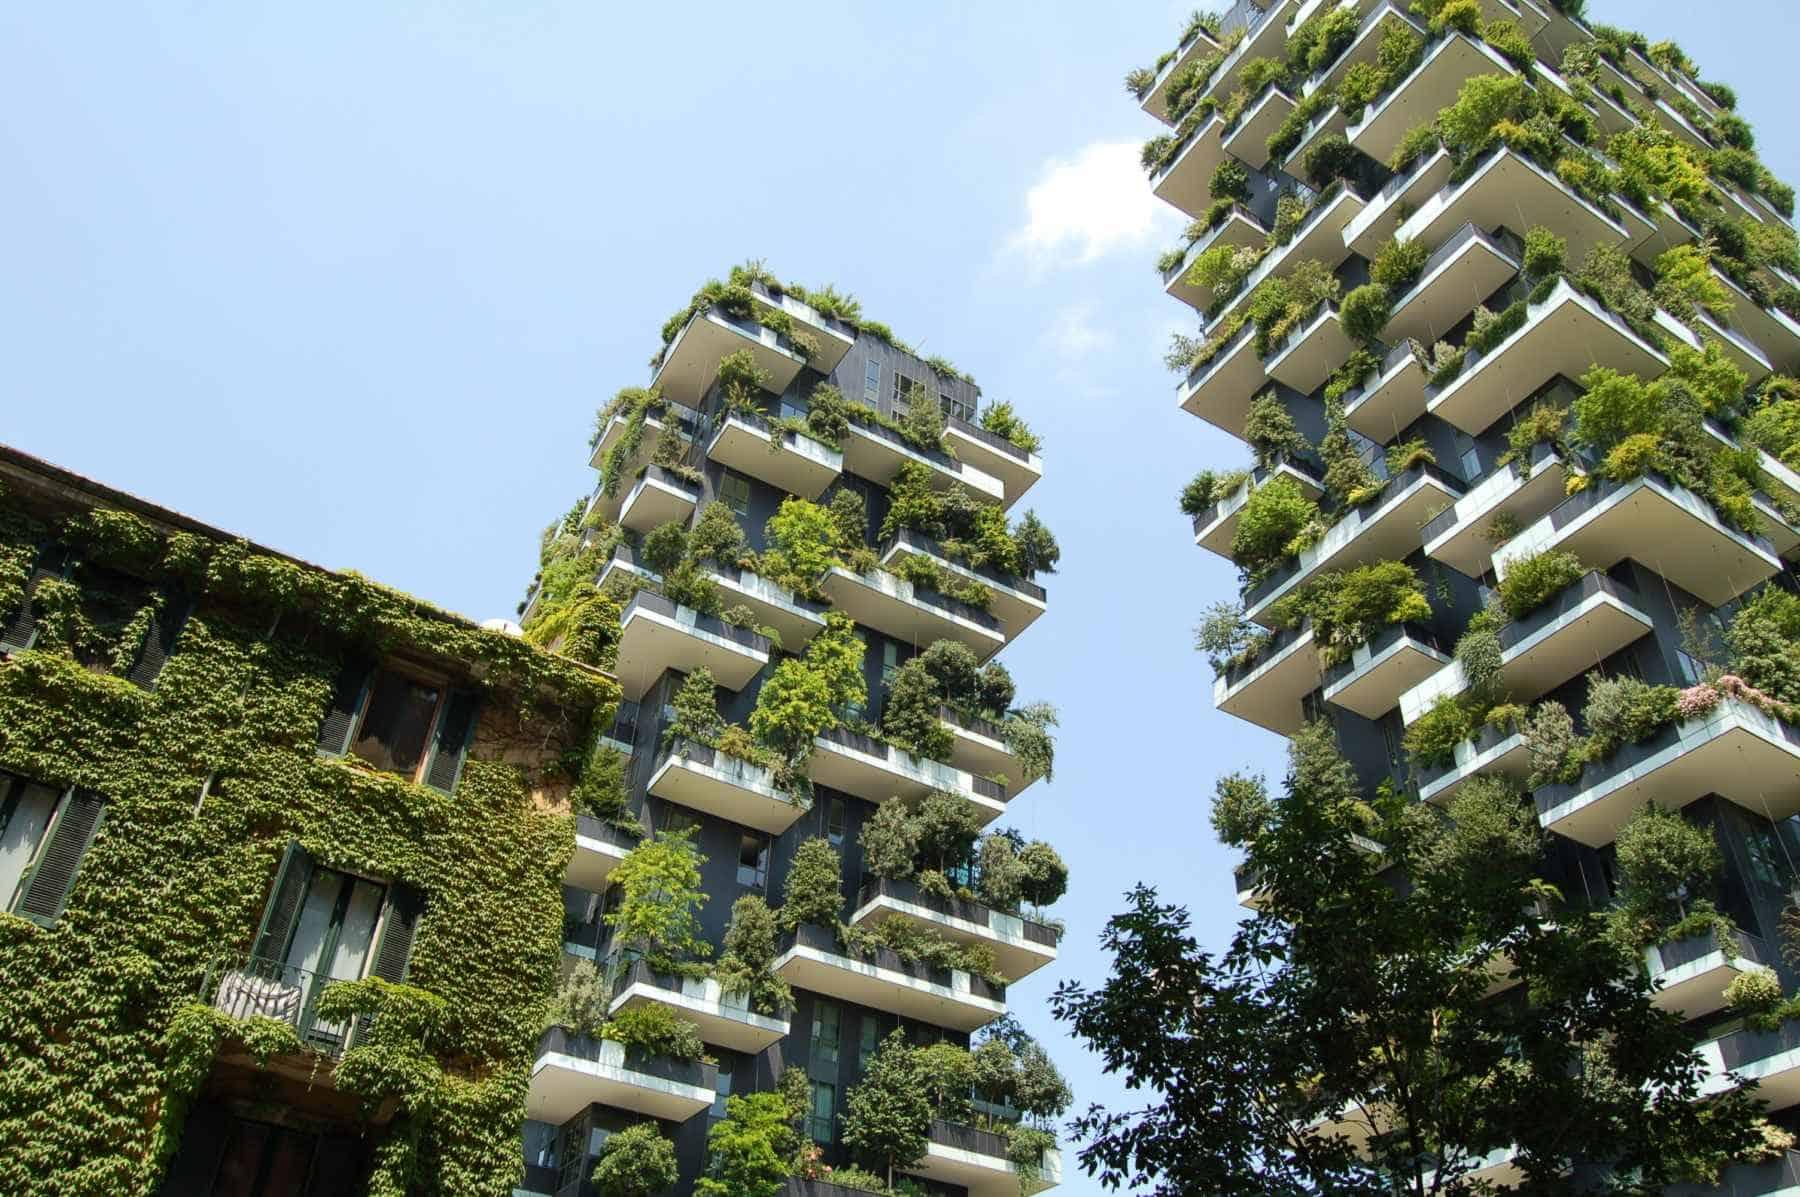 sostenibilità settore immobiliare